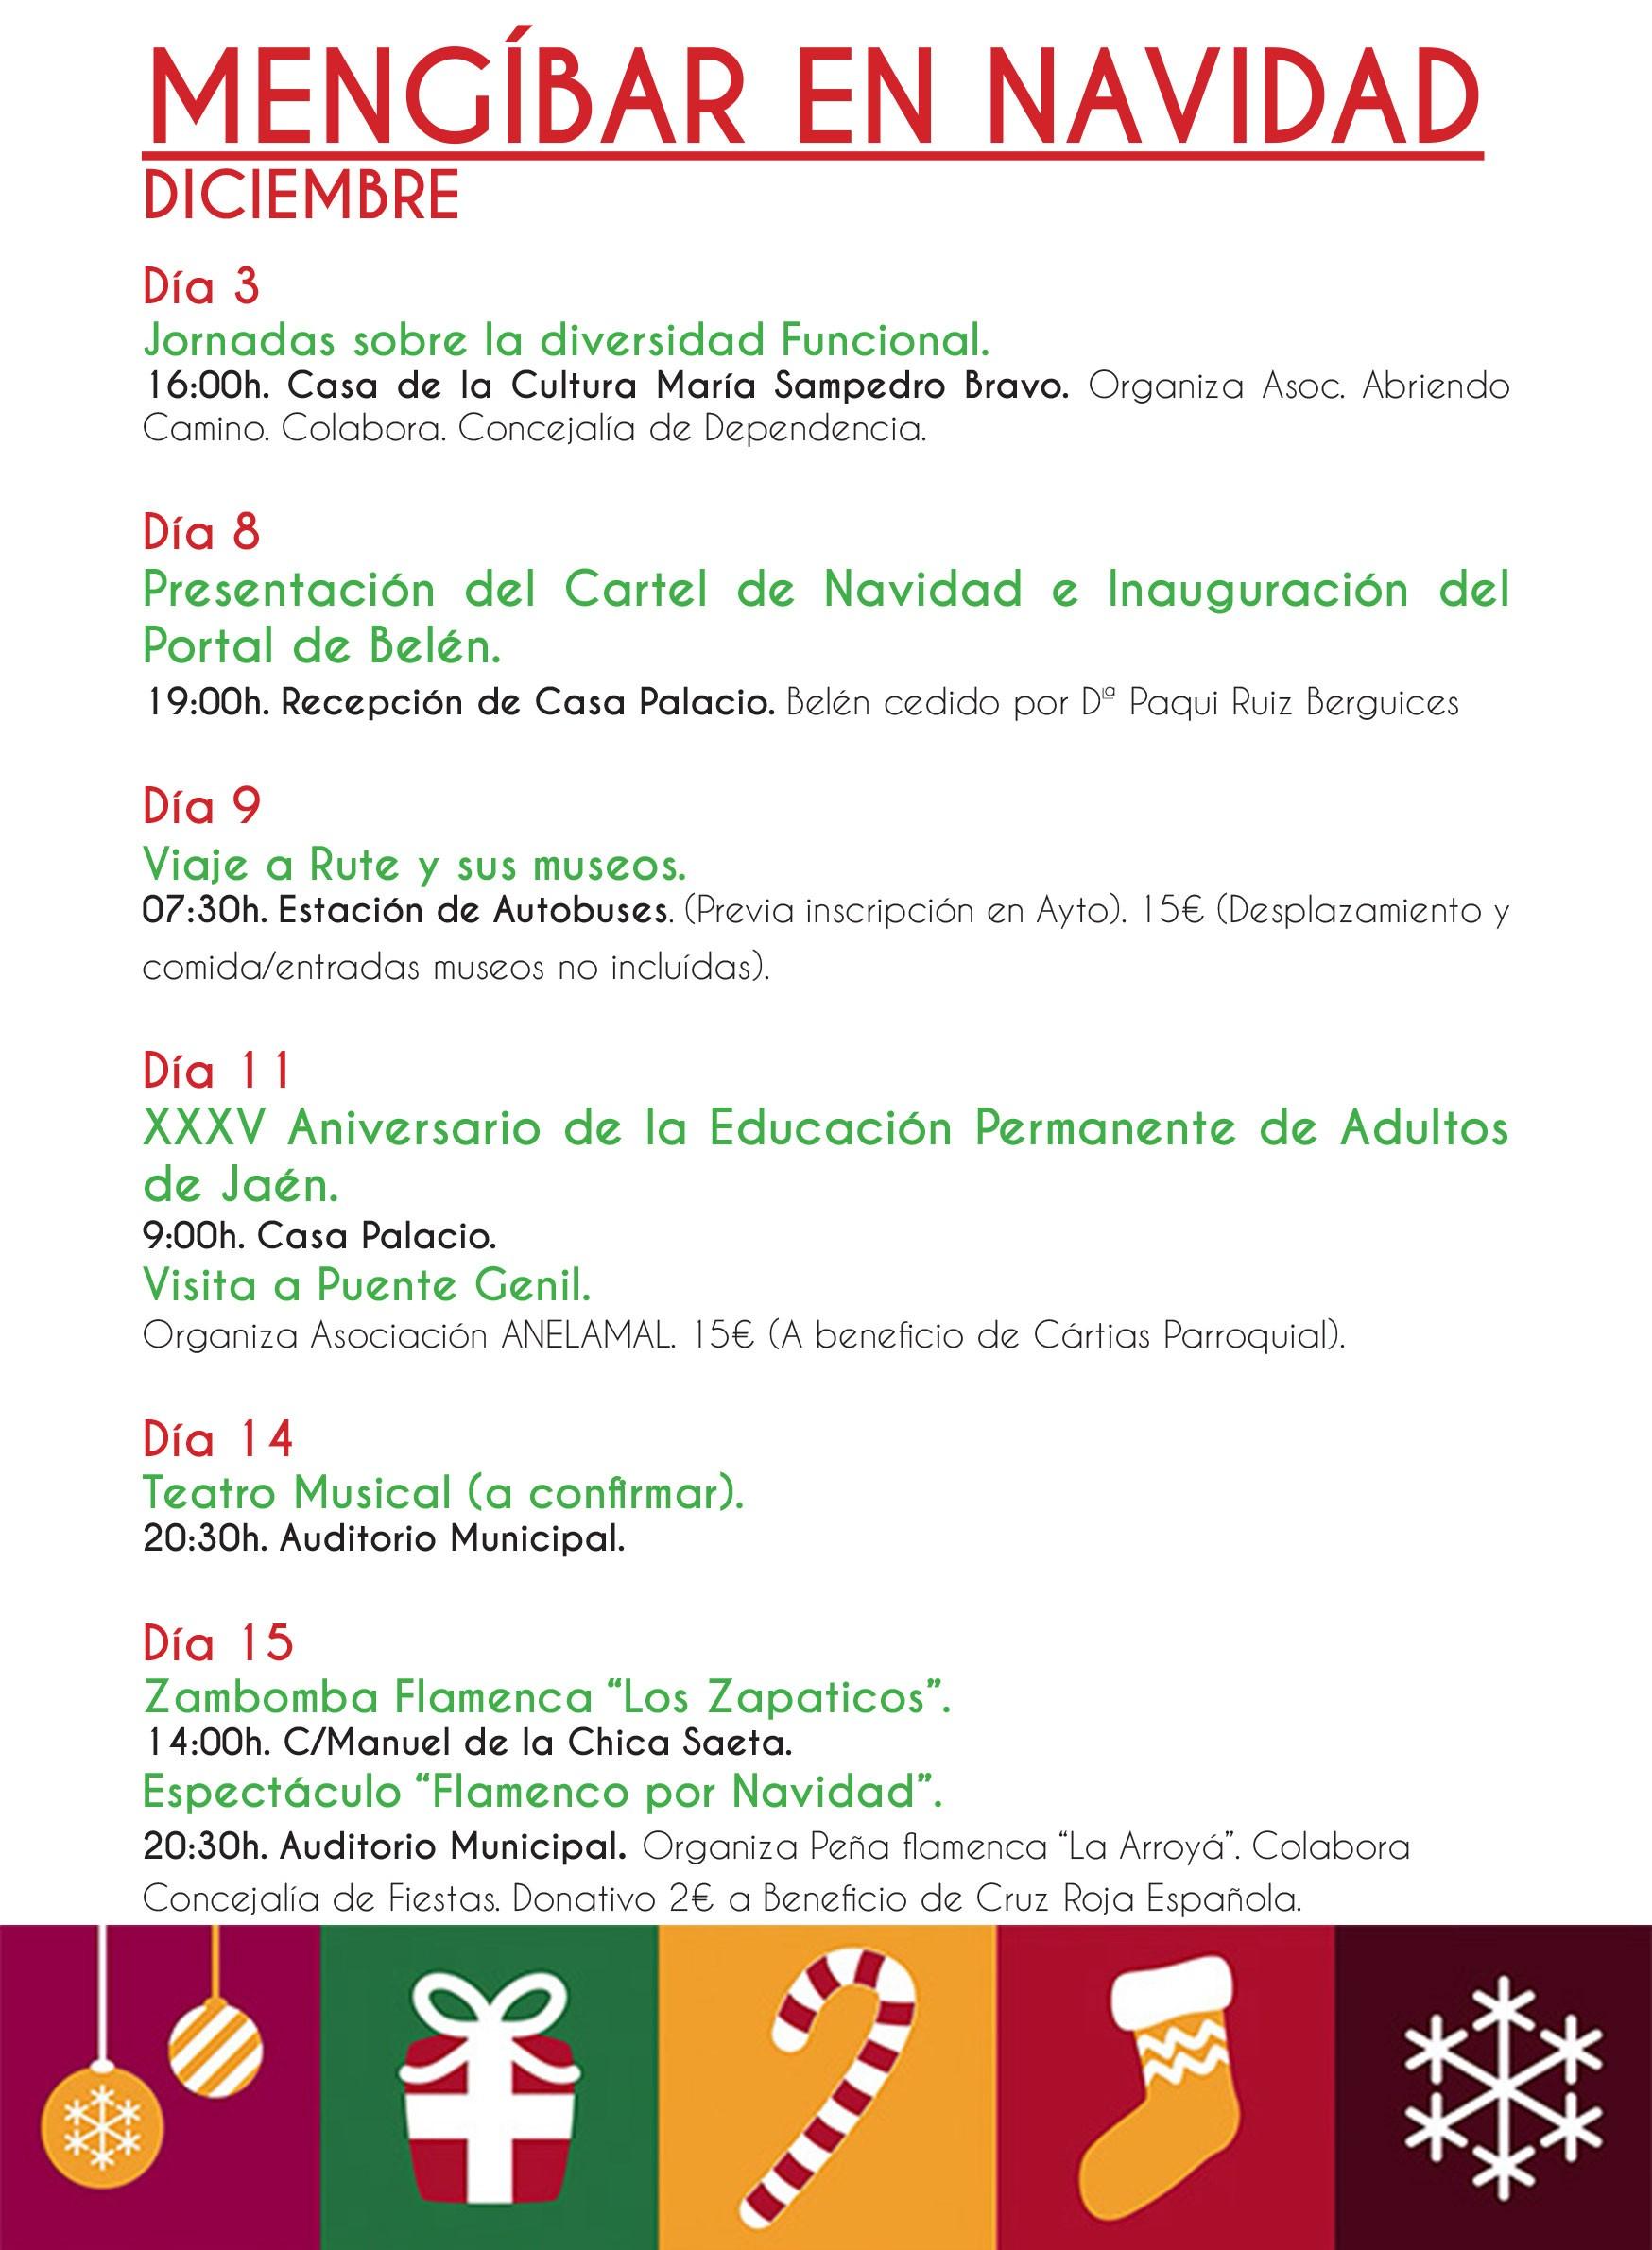 Calendario 2019 Martes Carnaval Más Reciente De Infancia Y Familia 2 2018 12 Of Calendario 2019 Martes Carnaval Más Caliente Pinofranqueado Informa Servicio De Unicaci³n Va Web